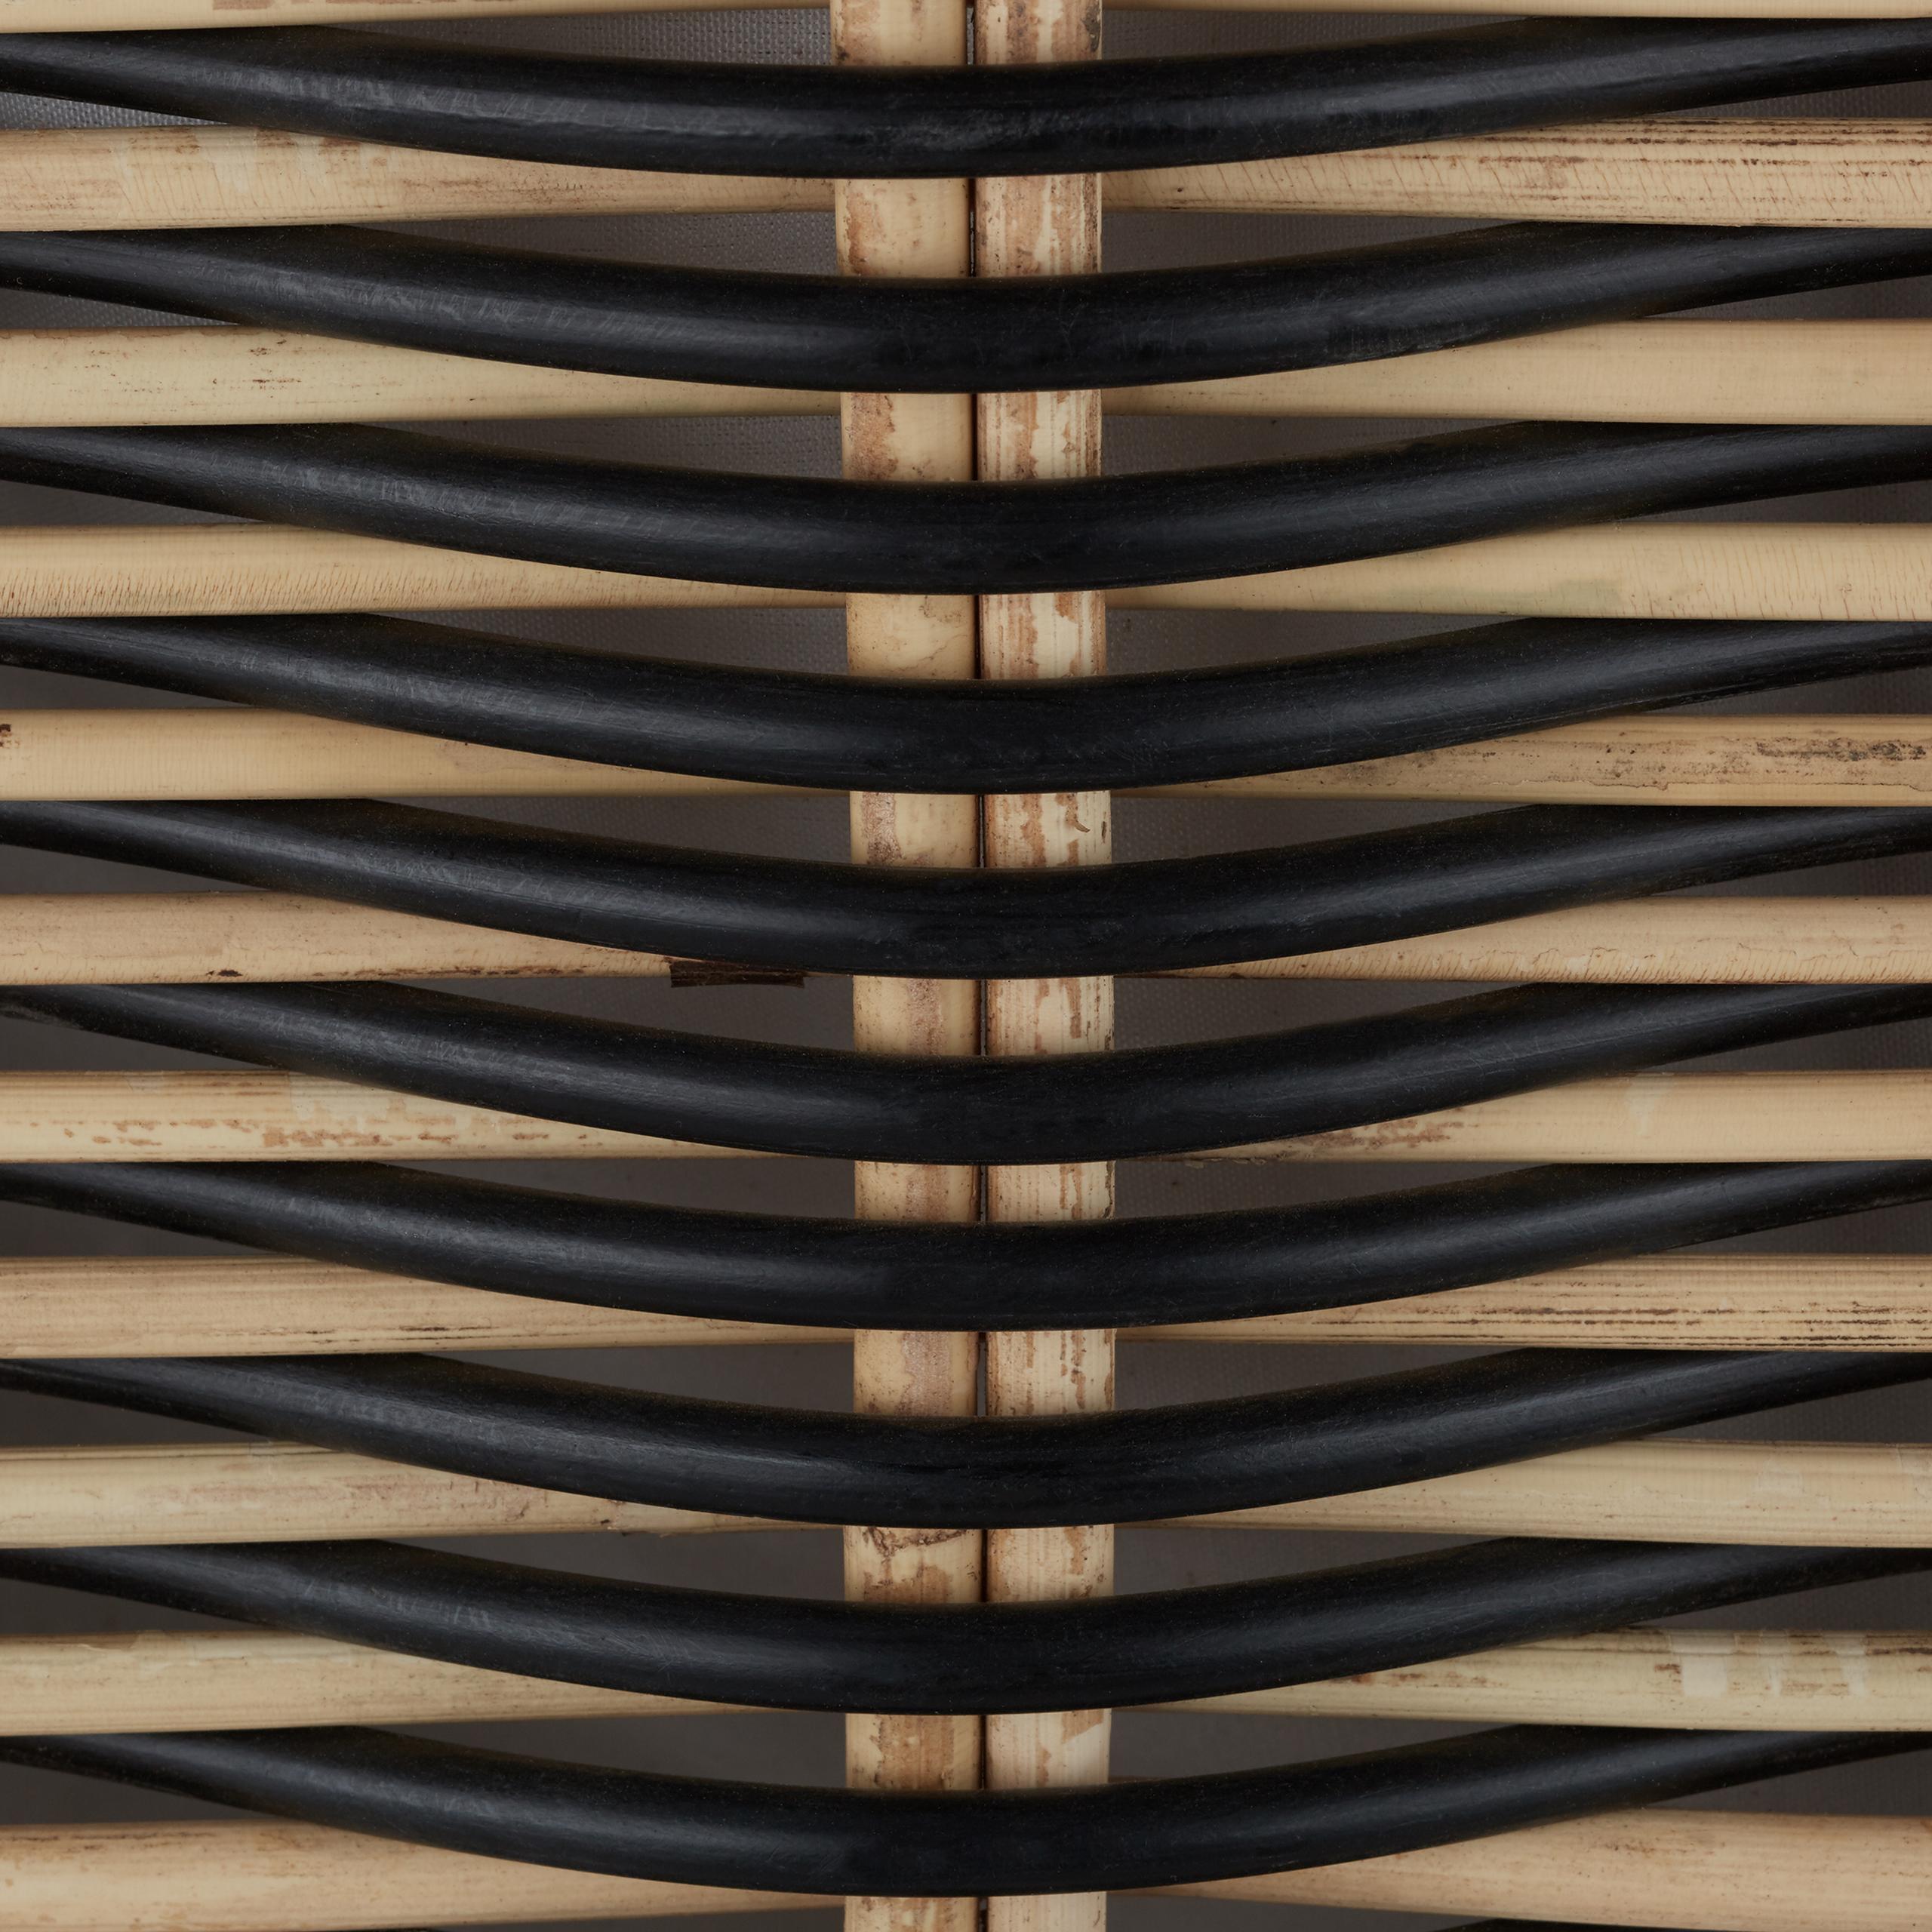 Waschekorb-Rattan-2er-Set-Waschesammler-Waschebox-Waschetonne-Waschebehalter-Bad thumbnail 6